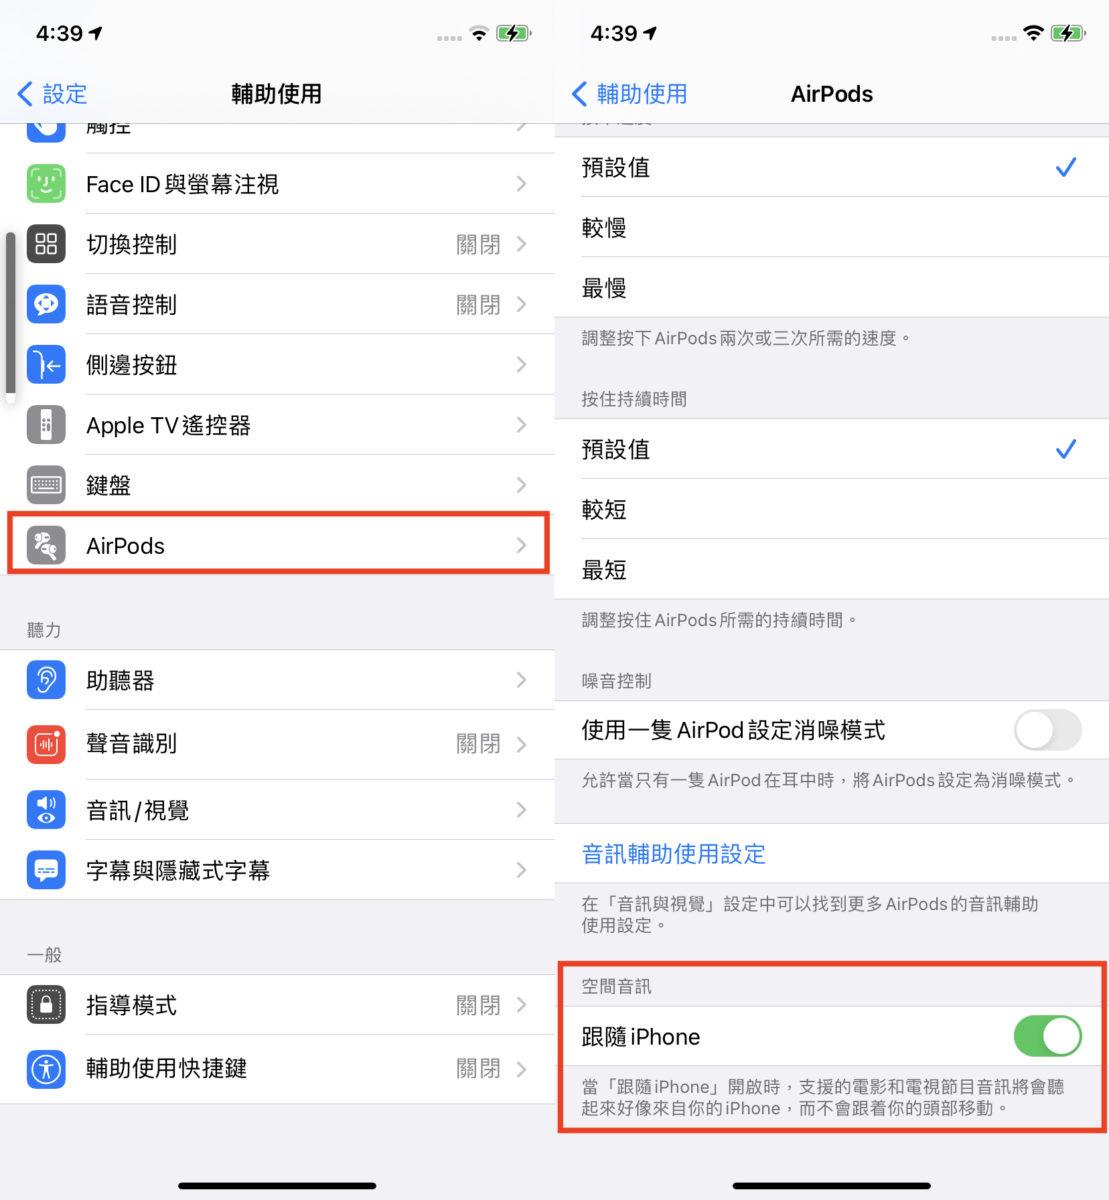 空間音響(空間音訊)的跟隨 iPhone 功能控制收錄在輔助使用的 AirPods 頁面最底。